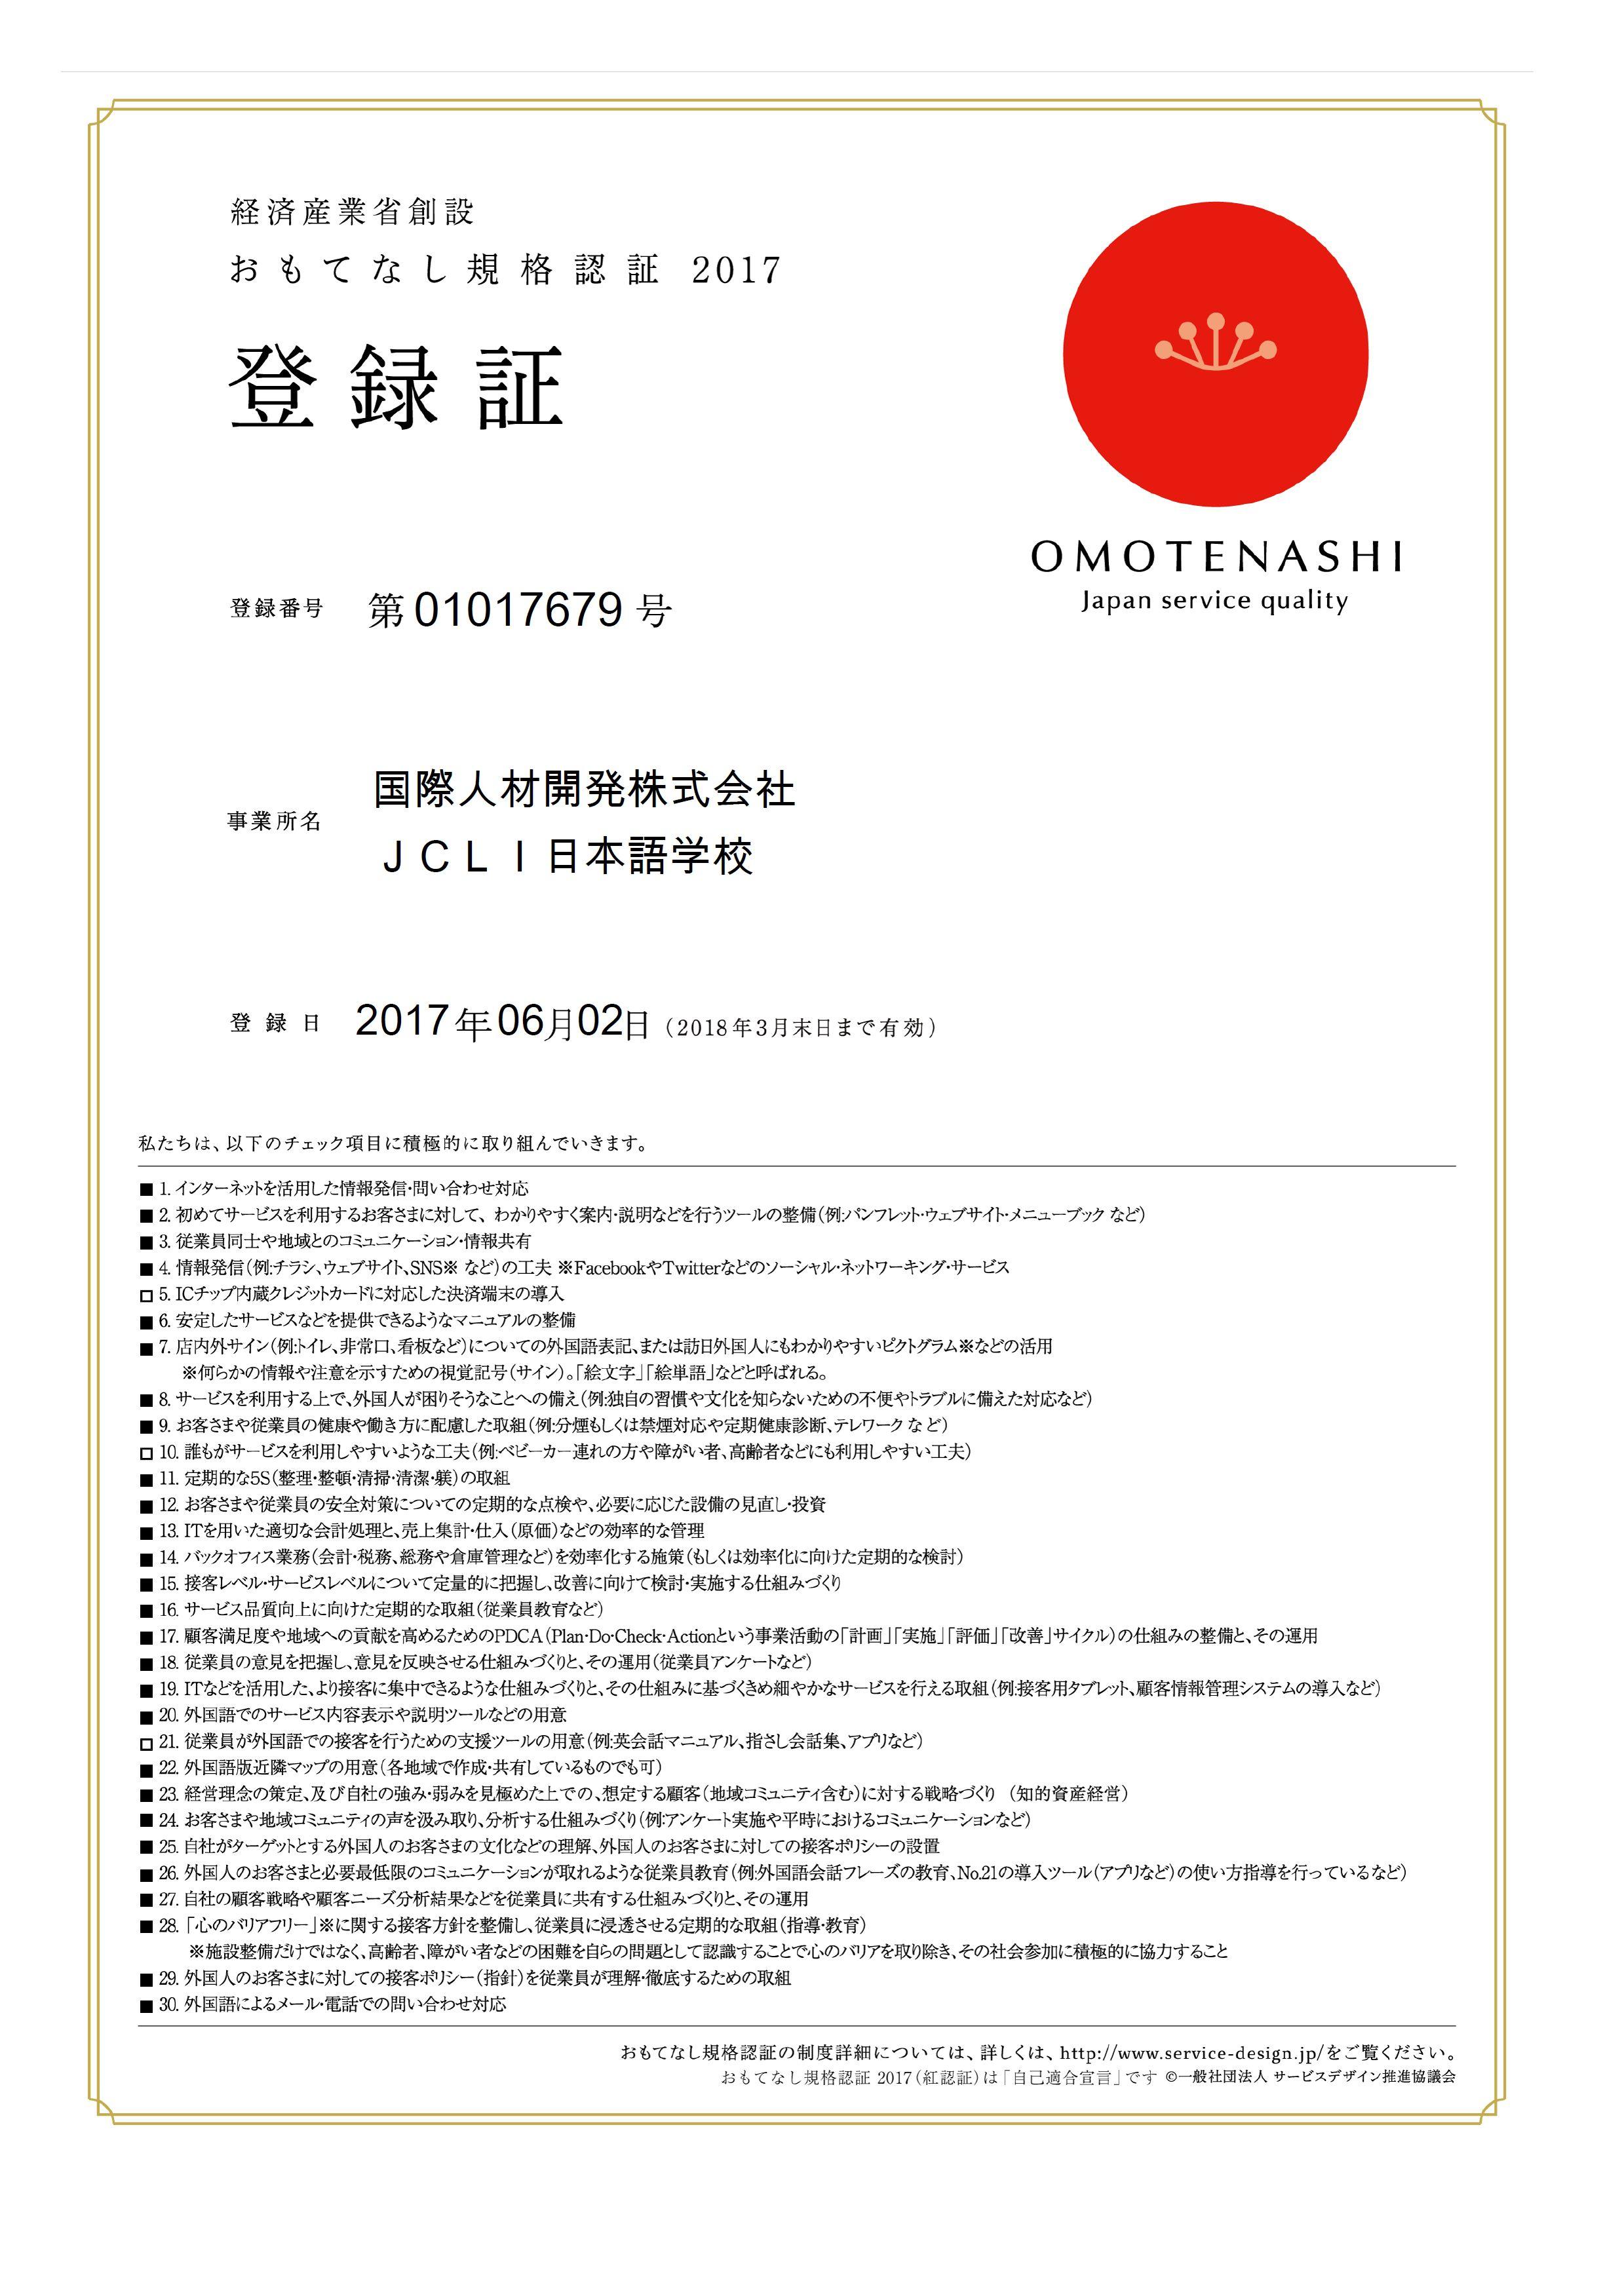 国際人材開発株式会社『おもてなし規格紅認証登録』のお知らせ